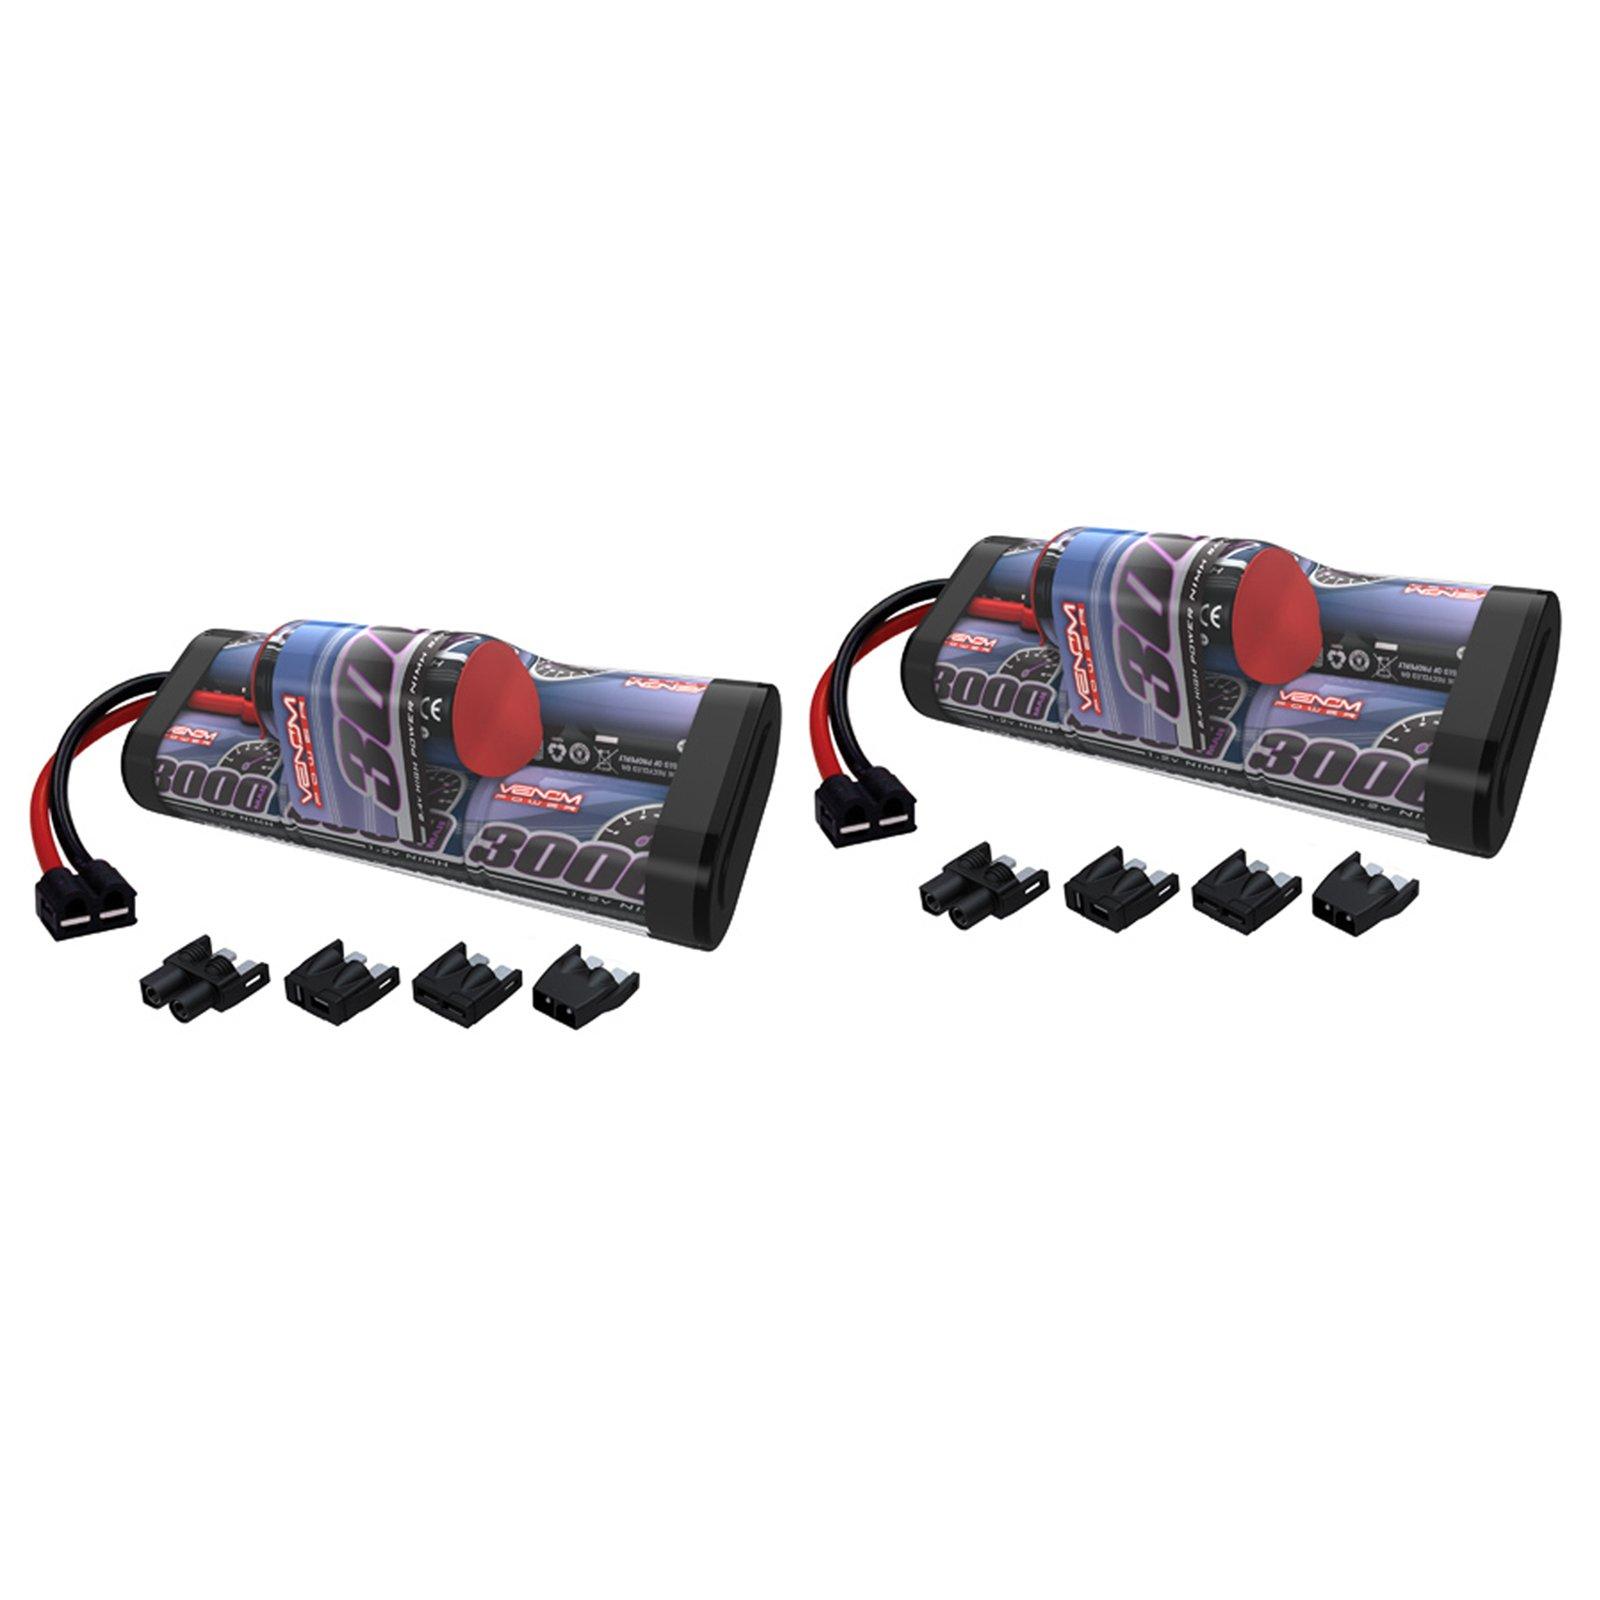 Venom 8.4V 3000mAh 7-Cell Hump NiMH Battery with Universal Plug (EC3/Deans/Traxxas/Tamiya) x2 Packs